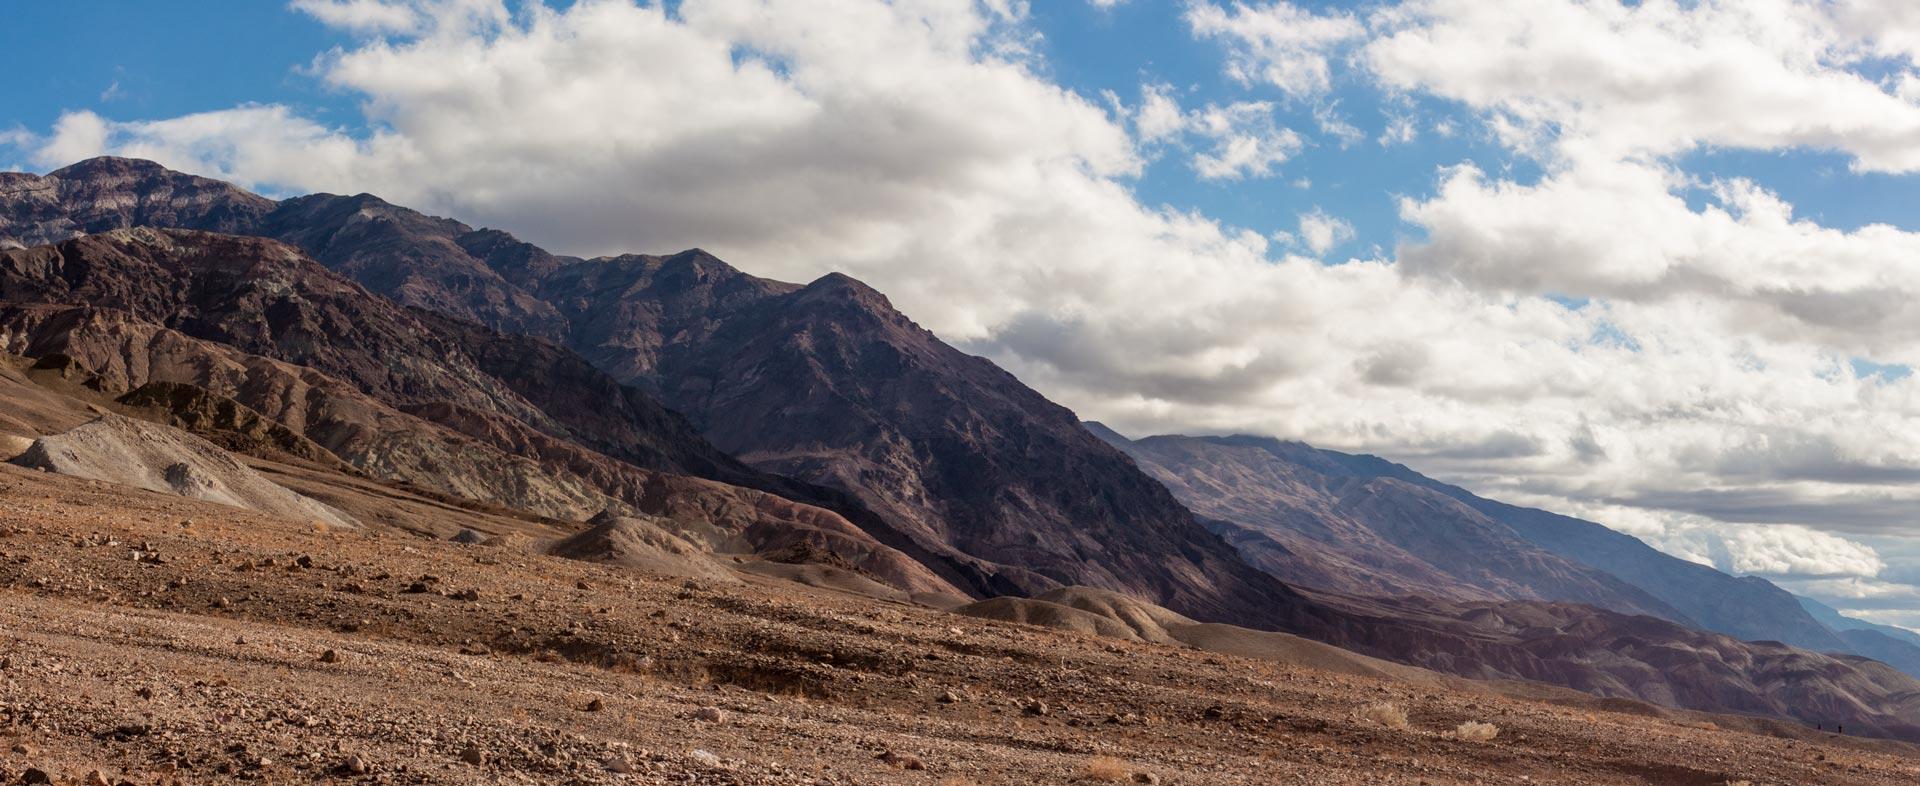 Death_Valley_4.jpg